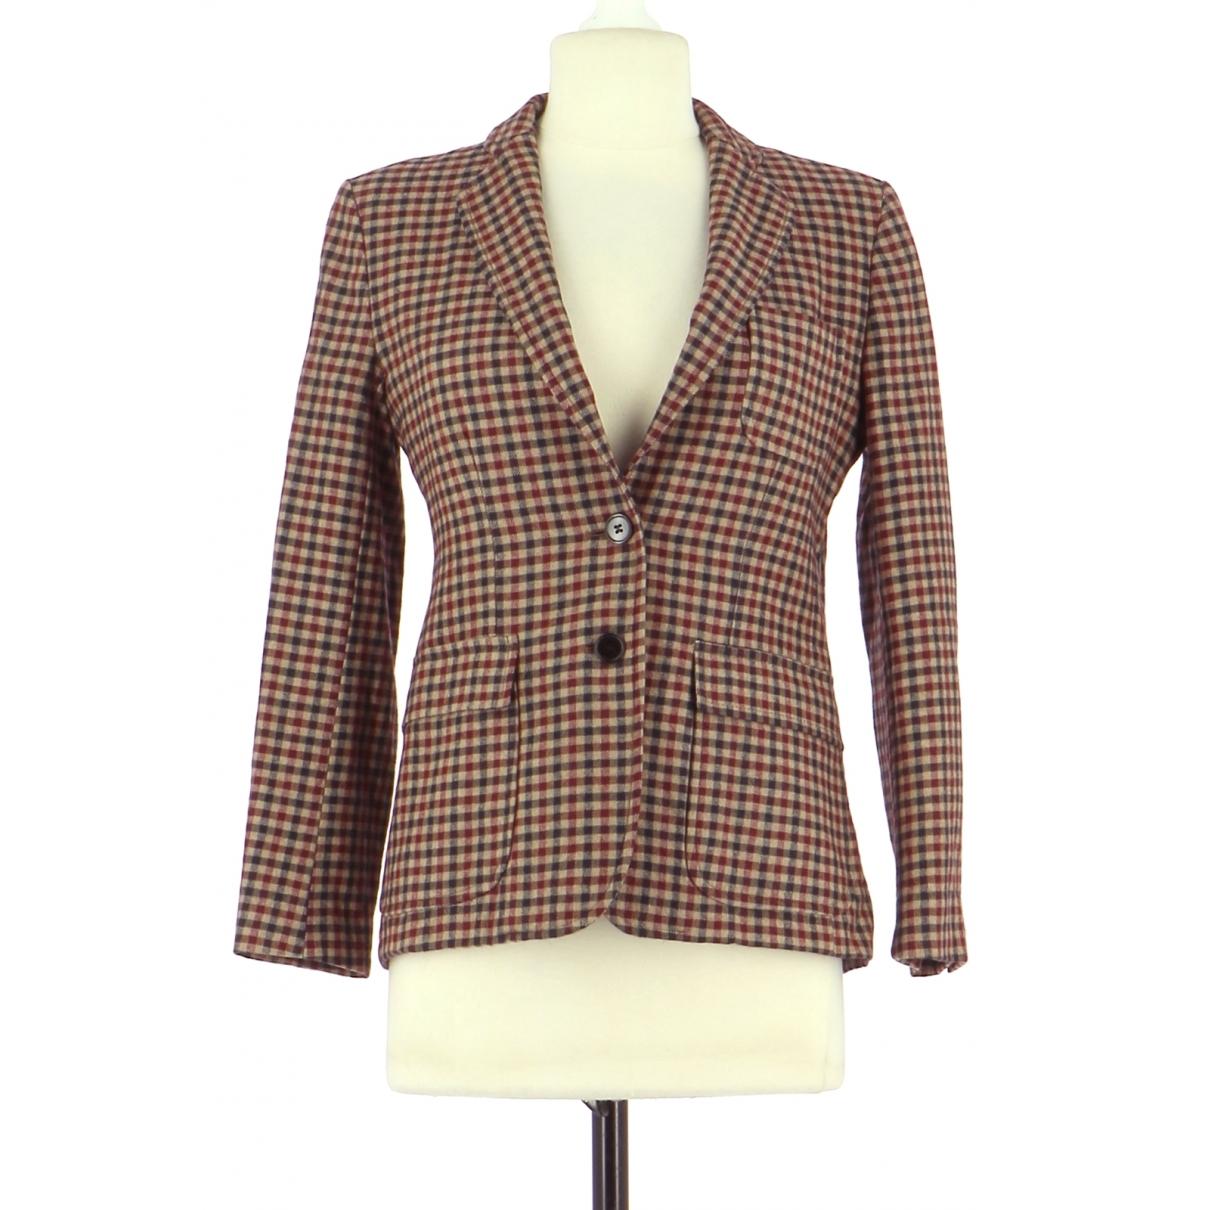 Soeur \N Multicolour Wool jacket for Women 36 FR